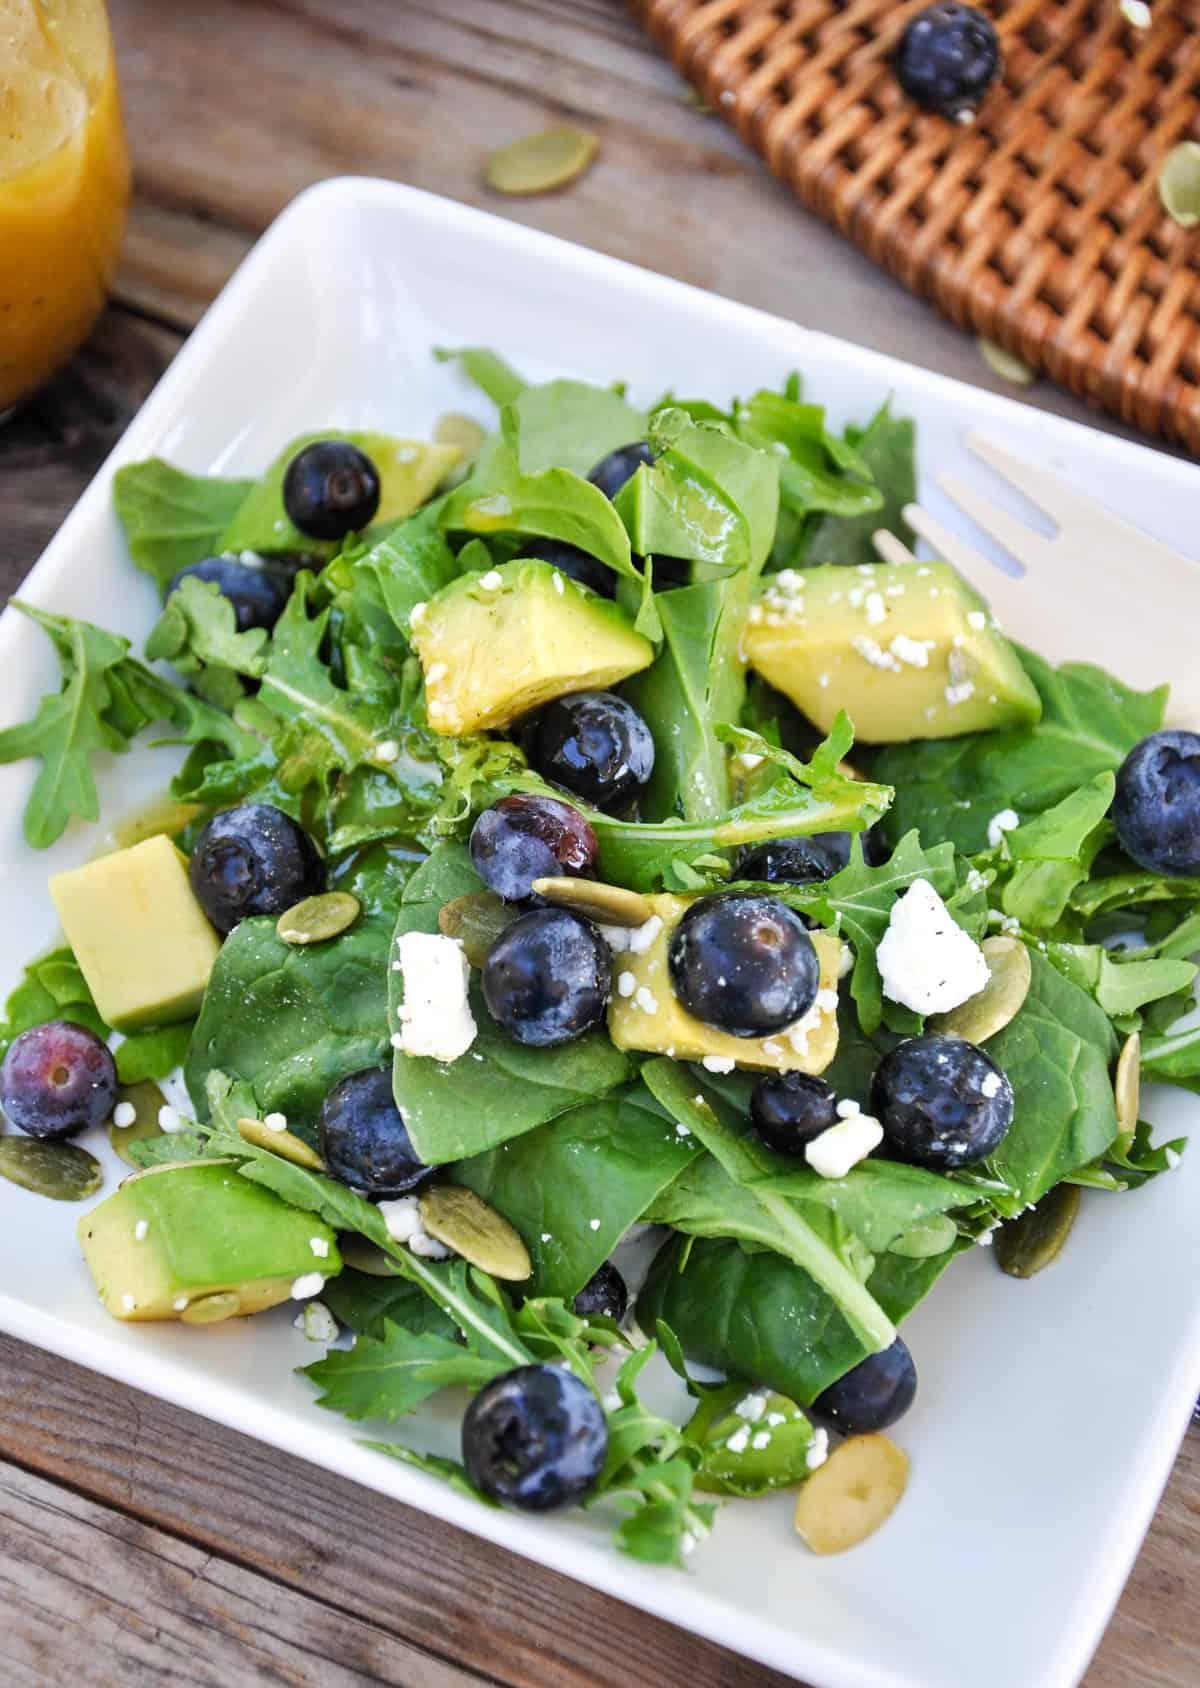 Close up of Blueberry Avocado Salad with feta, pumpkin seeds in a honey vinaigrette